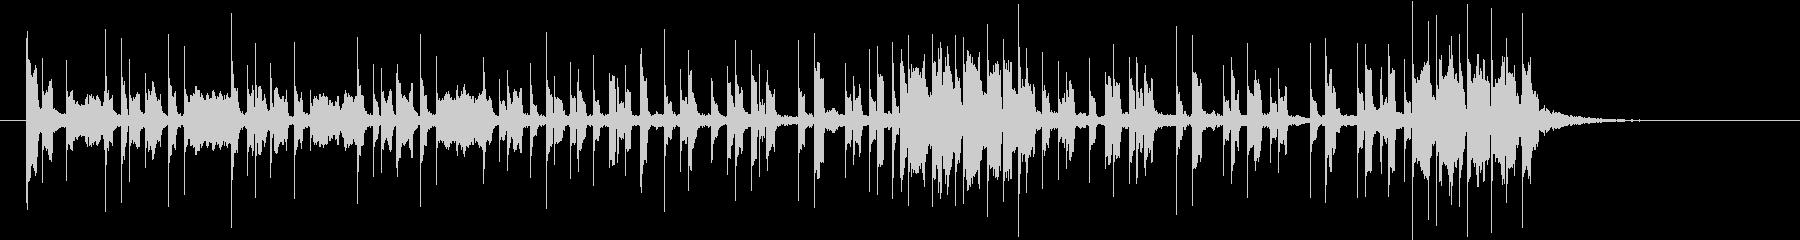 勢いのあるシンセパターン C− の未再生の波形